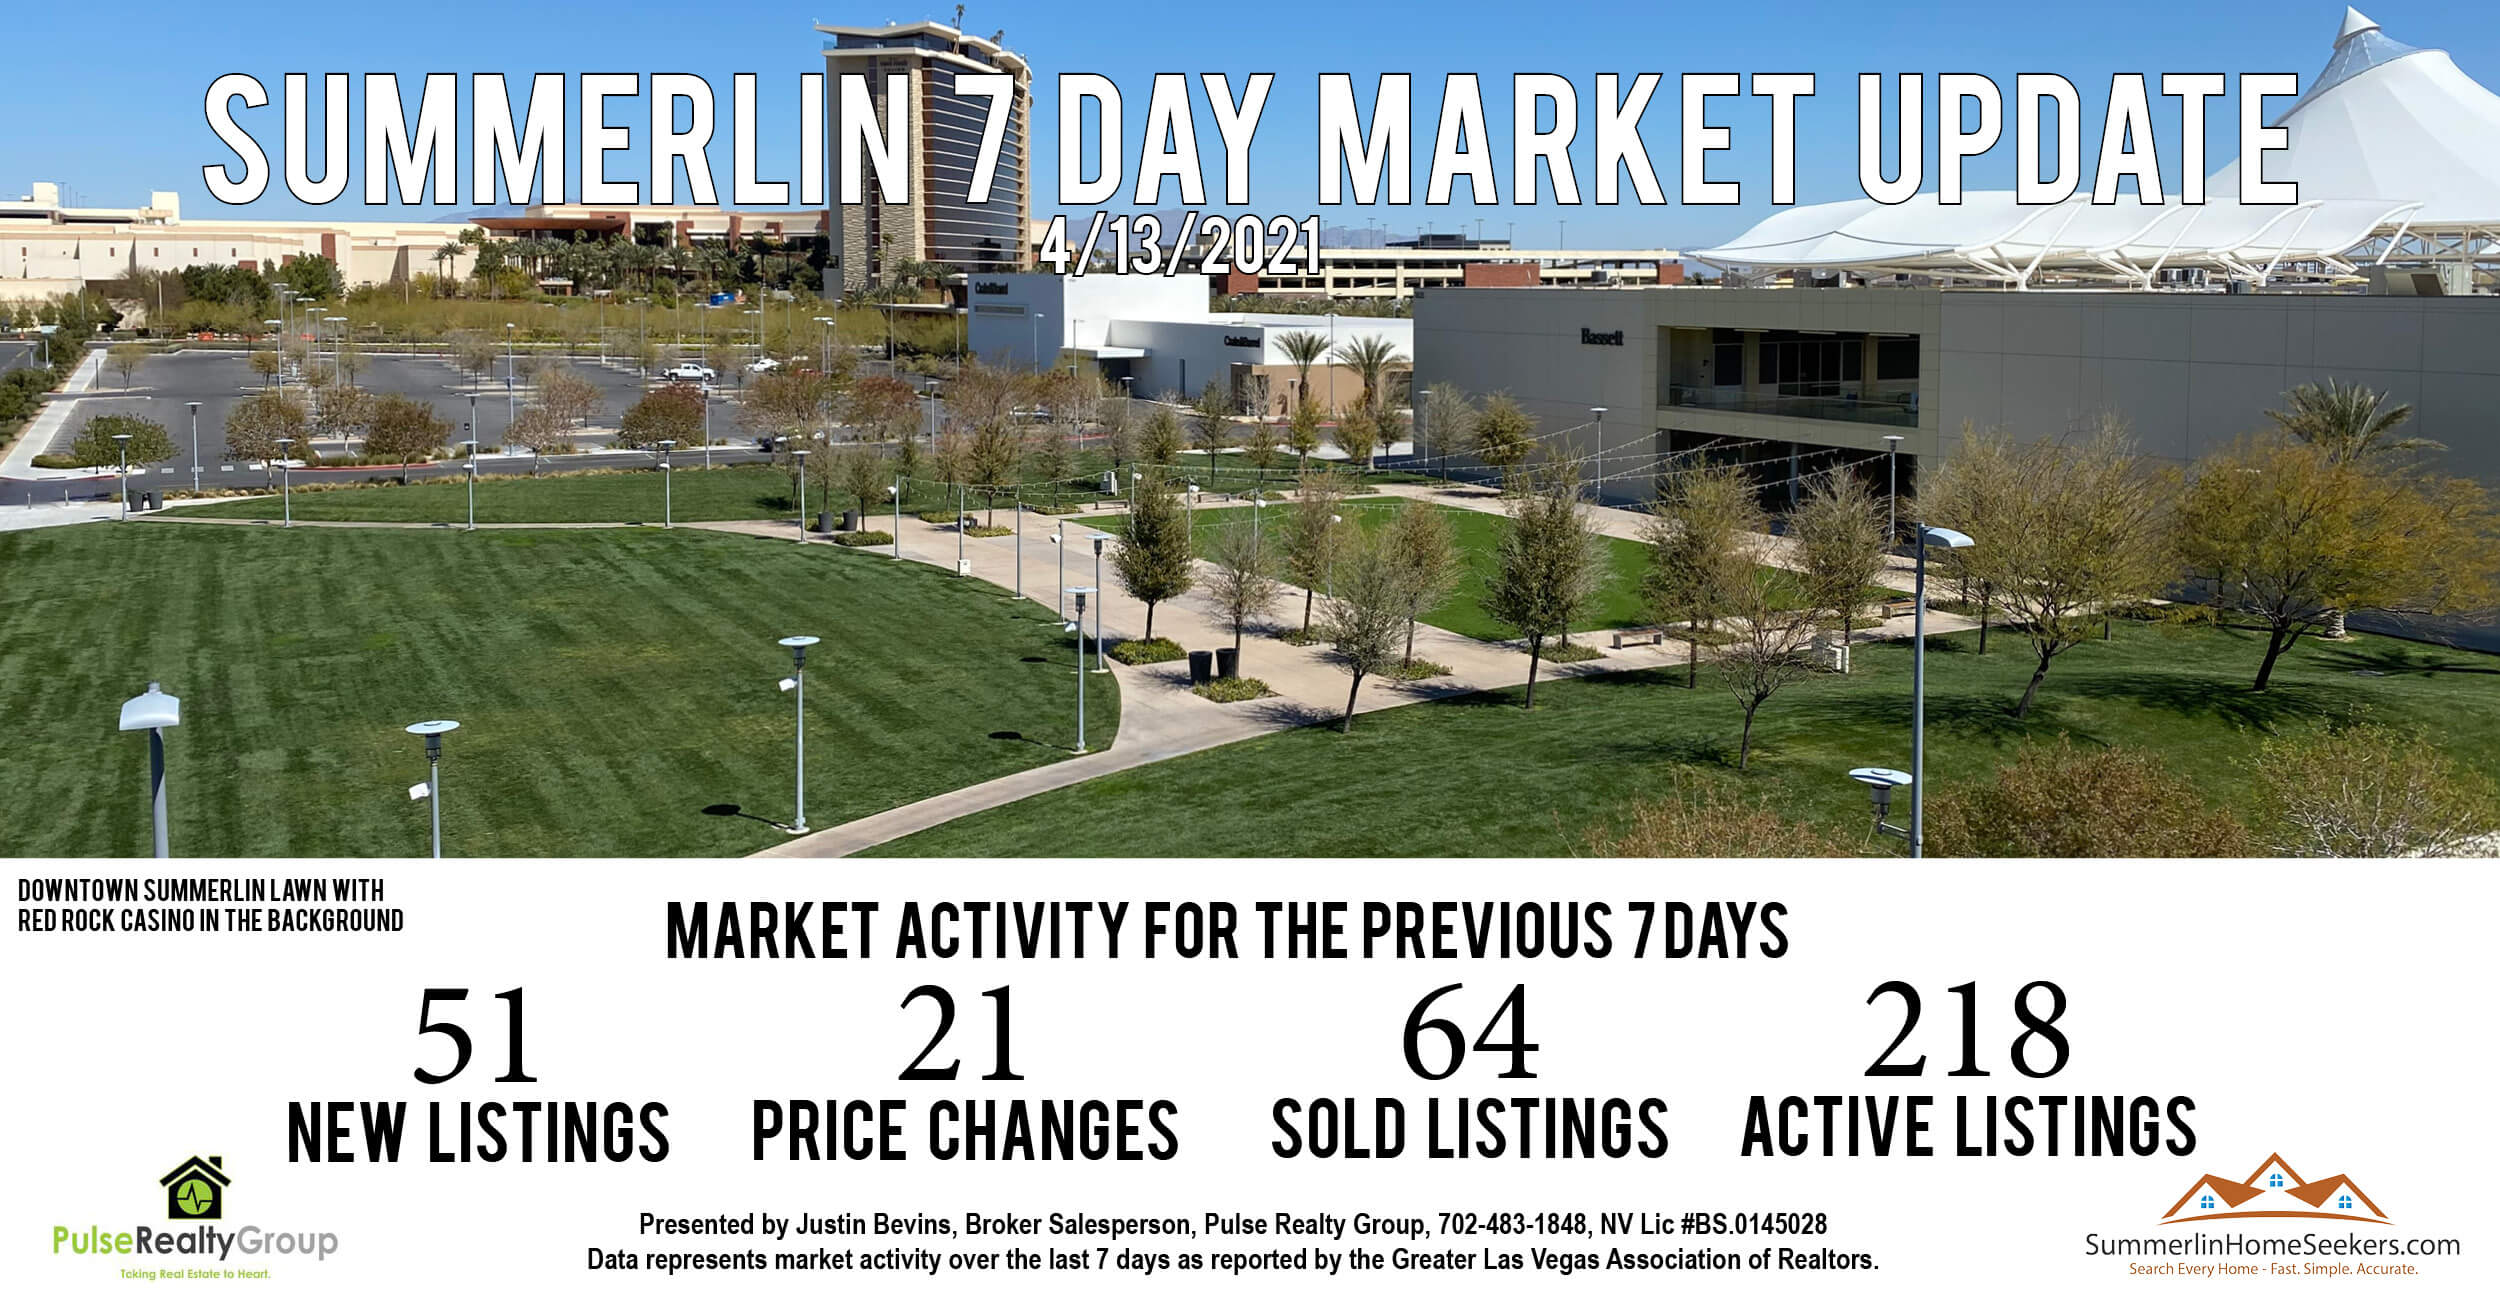 Summerlin 7 Day Market Update 04/13/2021